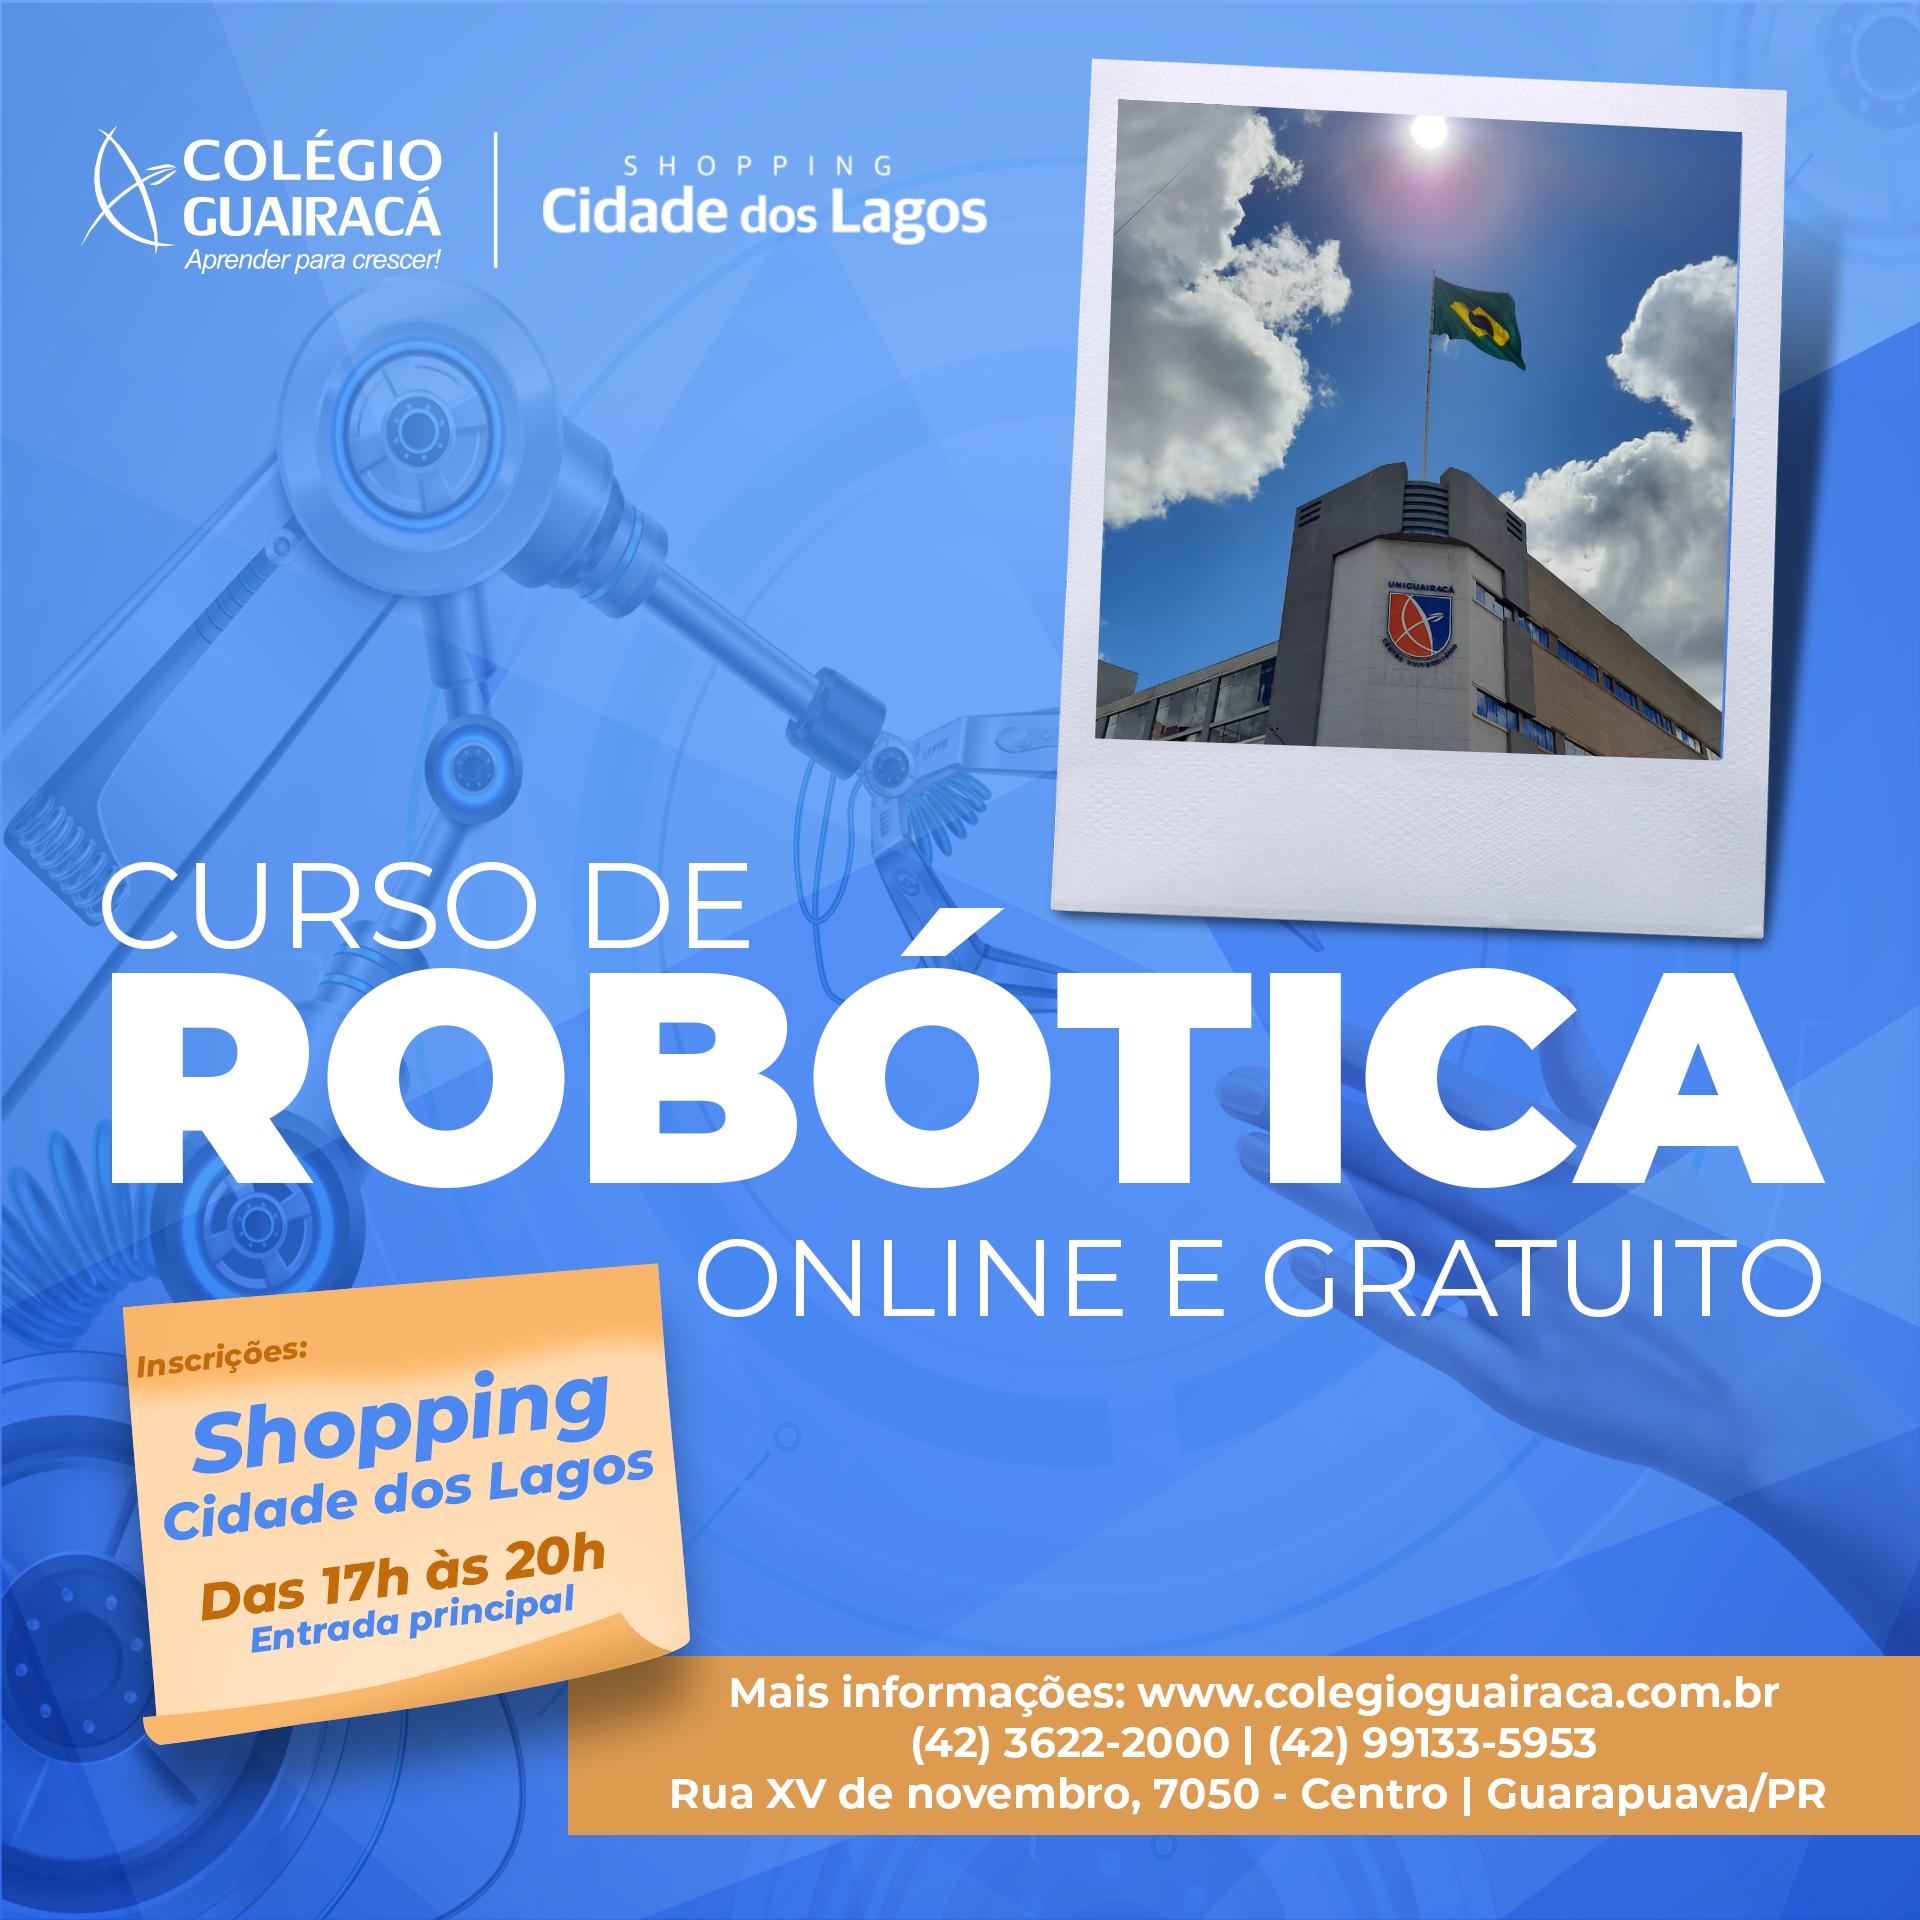 Colégio Guairacá oferta curso gratuito de robótica para a população